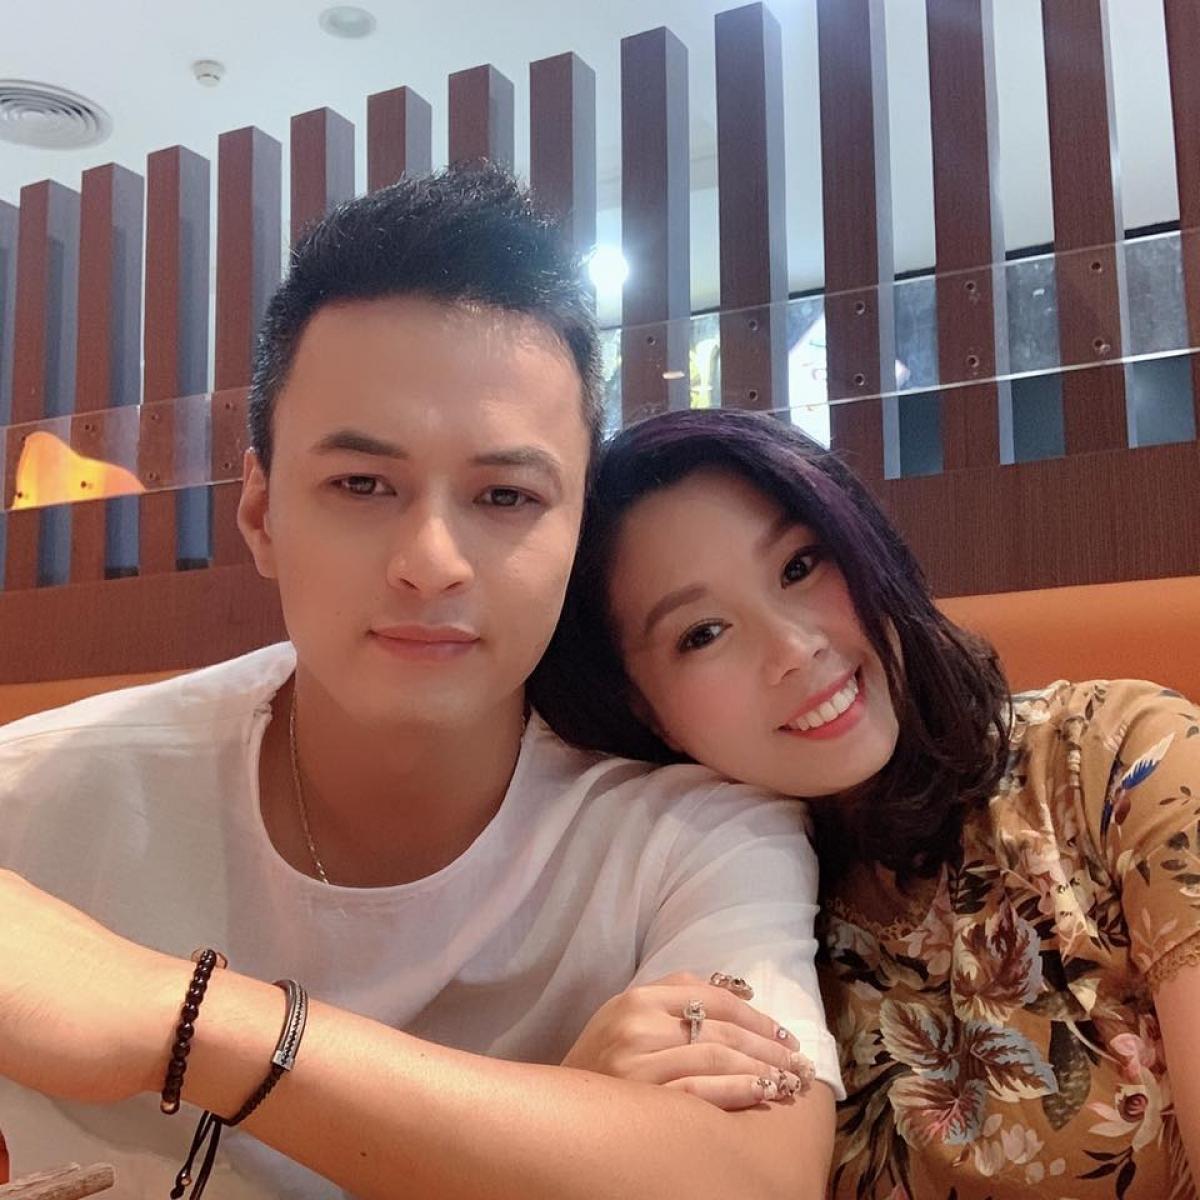 Sao Việt 2/9: Thủy Tiên tiếp tục gặp 'hạn' hậu bị bà Phương Hằng gọi tên, Hồng Đăng bị vợ 'bóc' con người thật 3